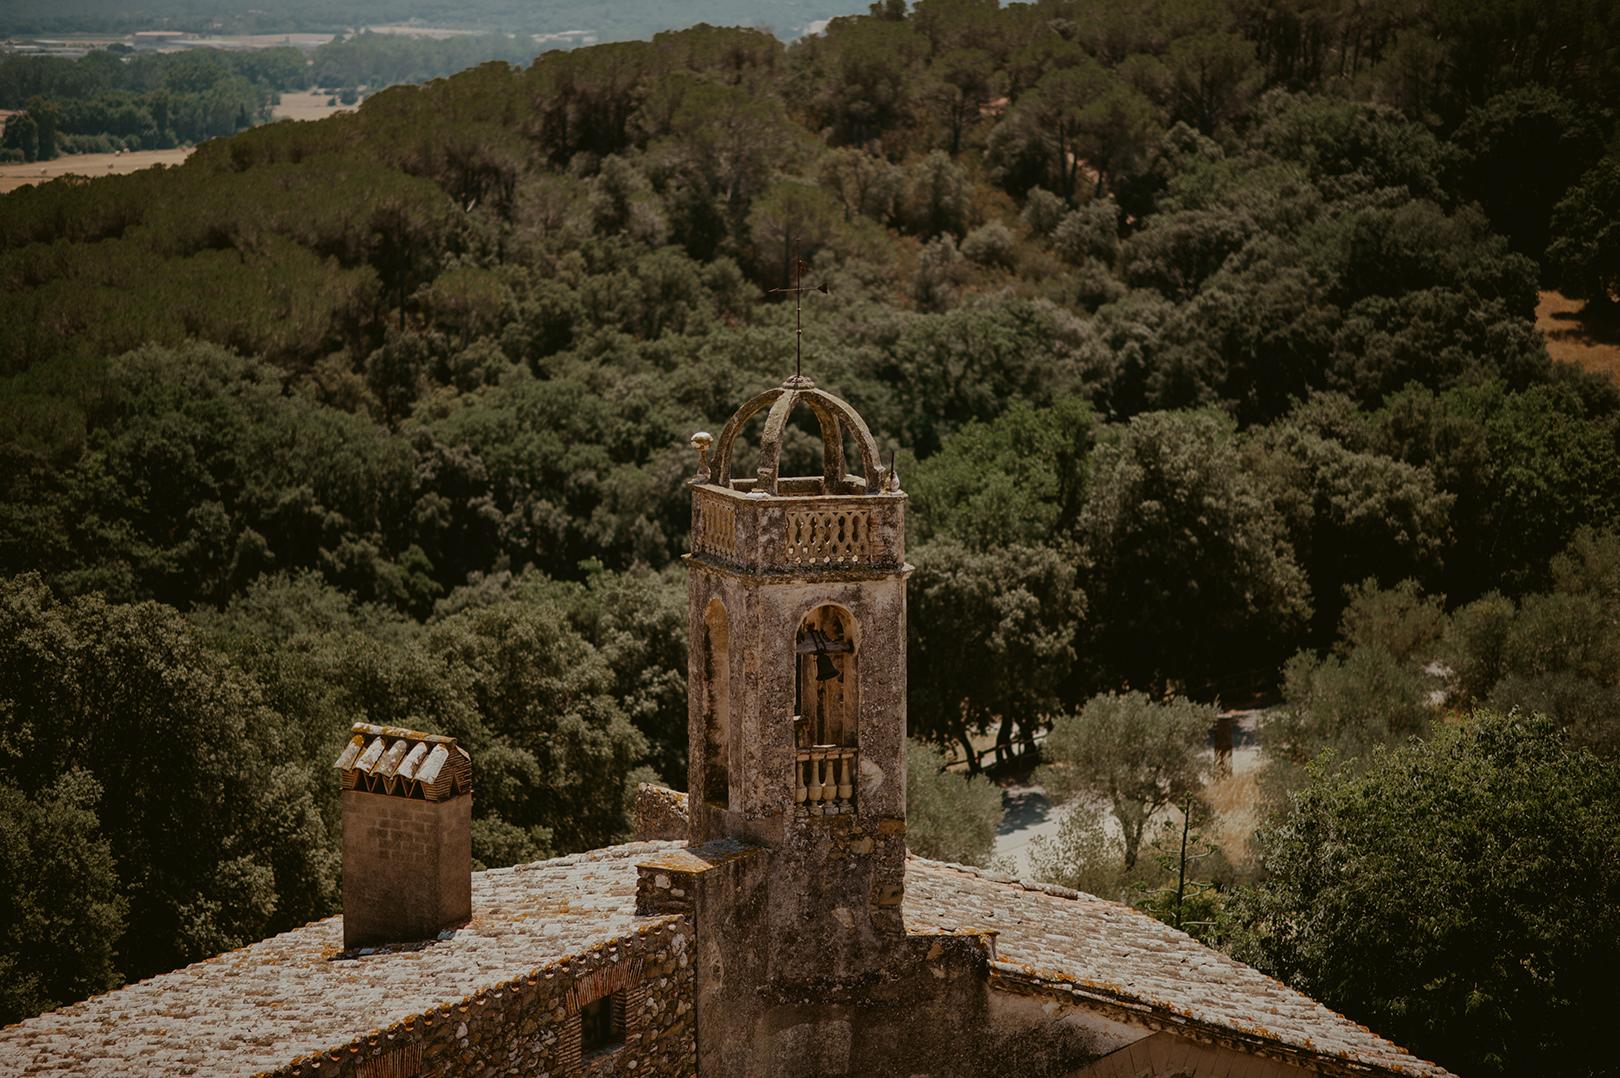 Girona wedding venues